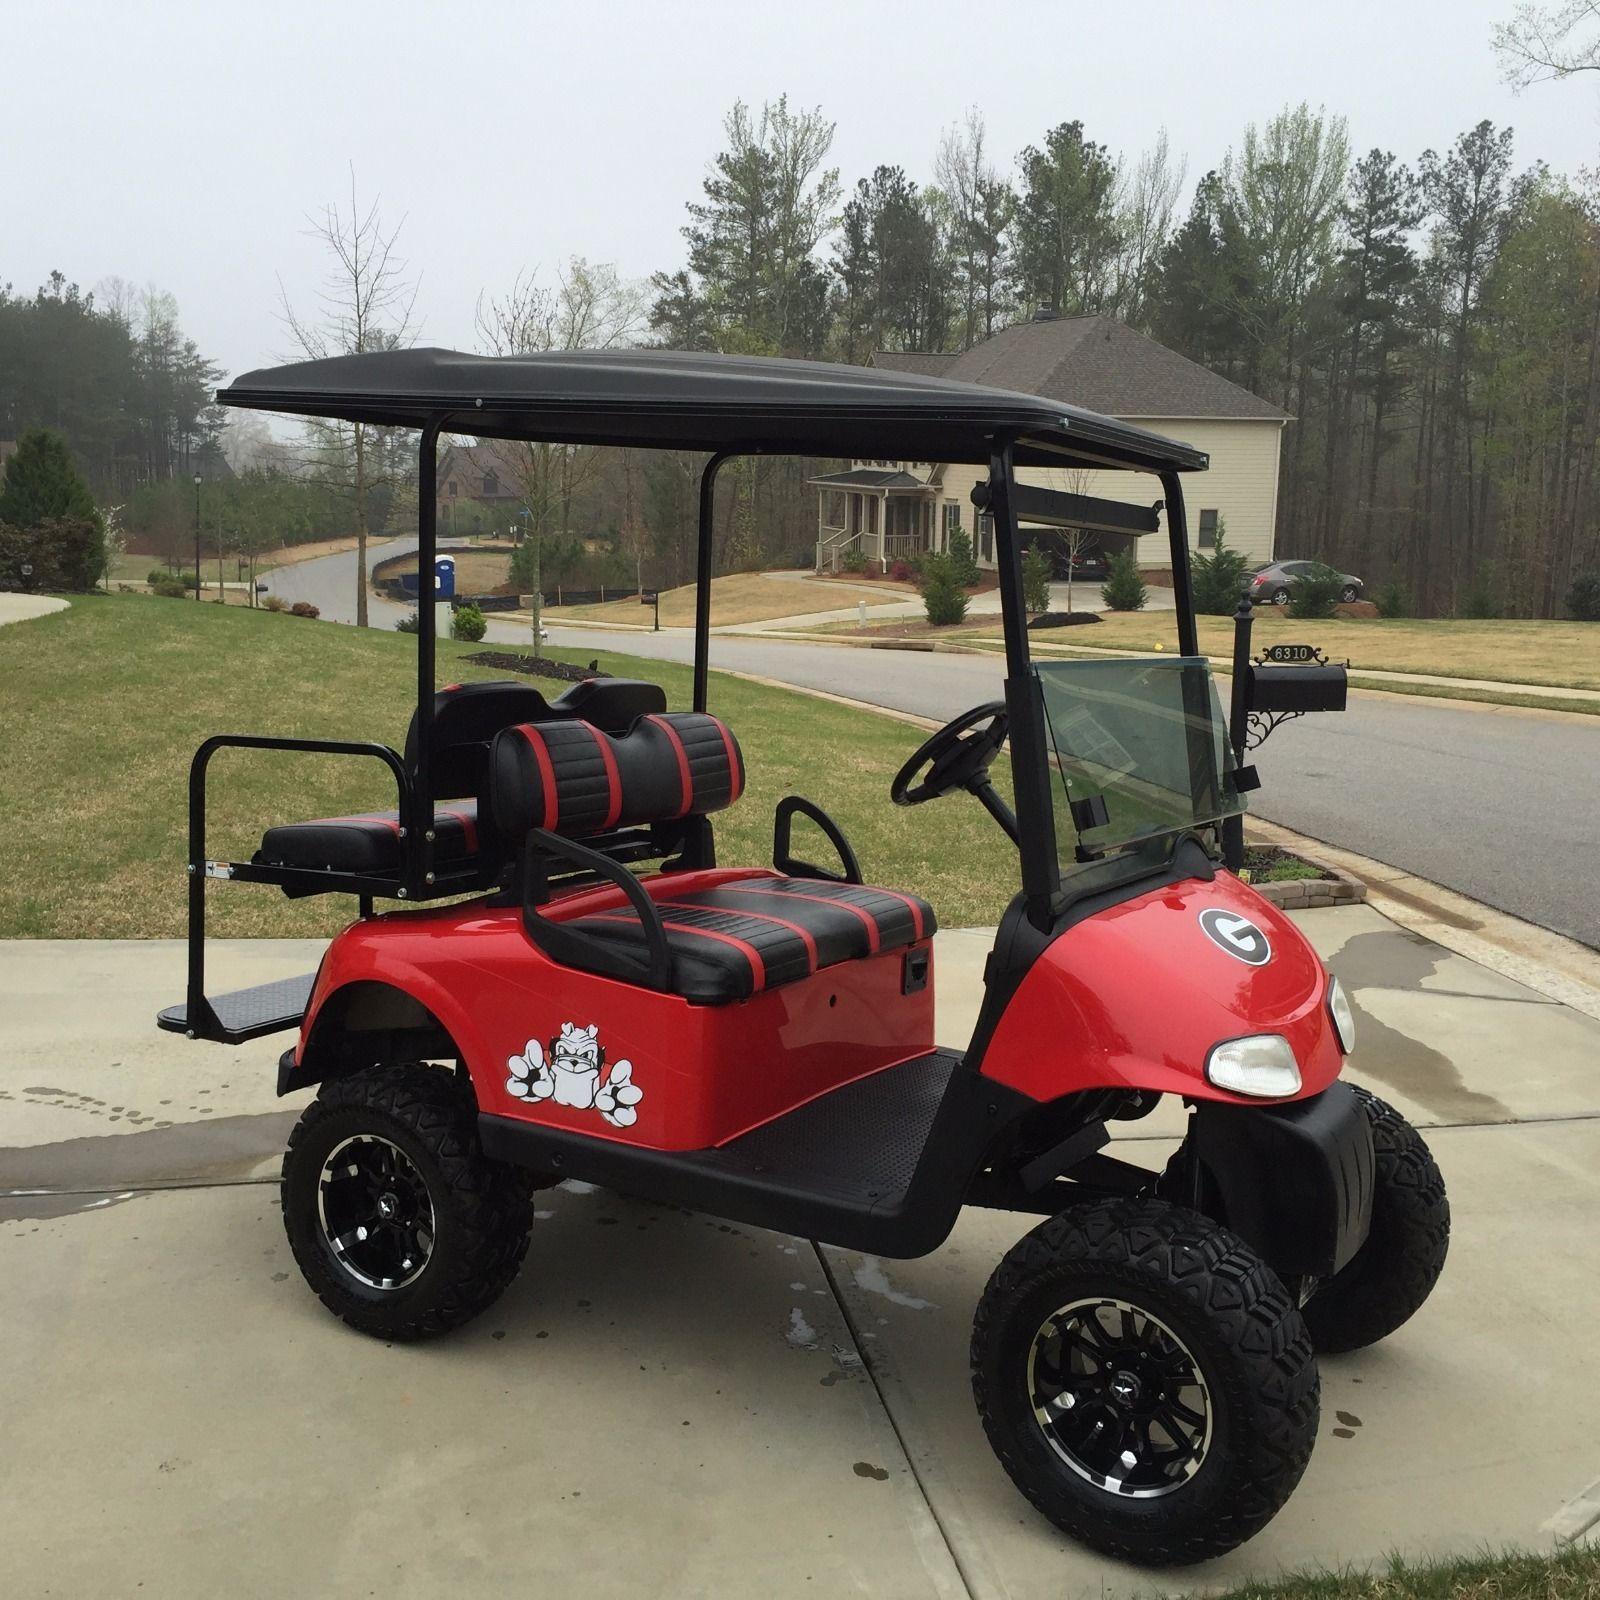 302205687358 likewise Watch besides 2008 Ezgo Custom Uga 48 Volt Golf Cart besides Whatyearismyyamahacart likewise 1984 1991ClubCarGas. on yamaha gas golf cart engine